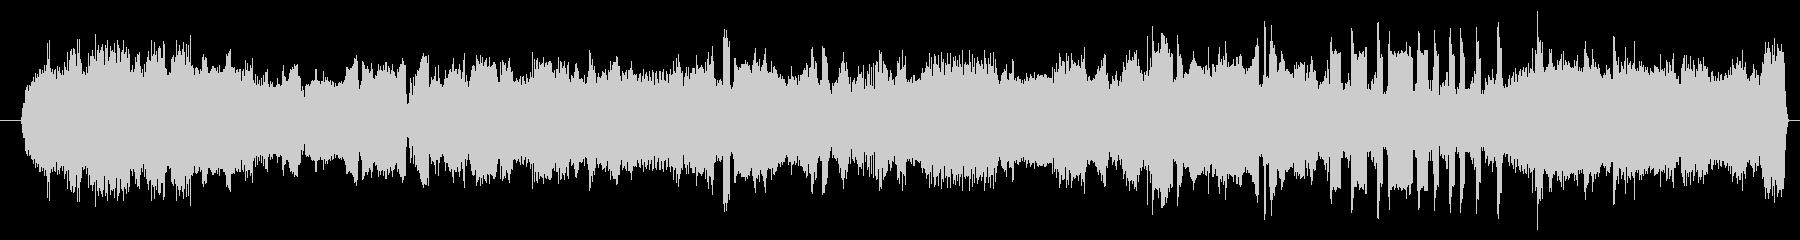 ノイズ デジタルエラーシーケンス01の未再生の波形